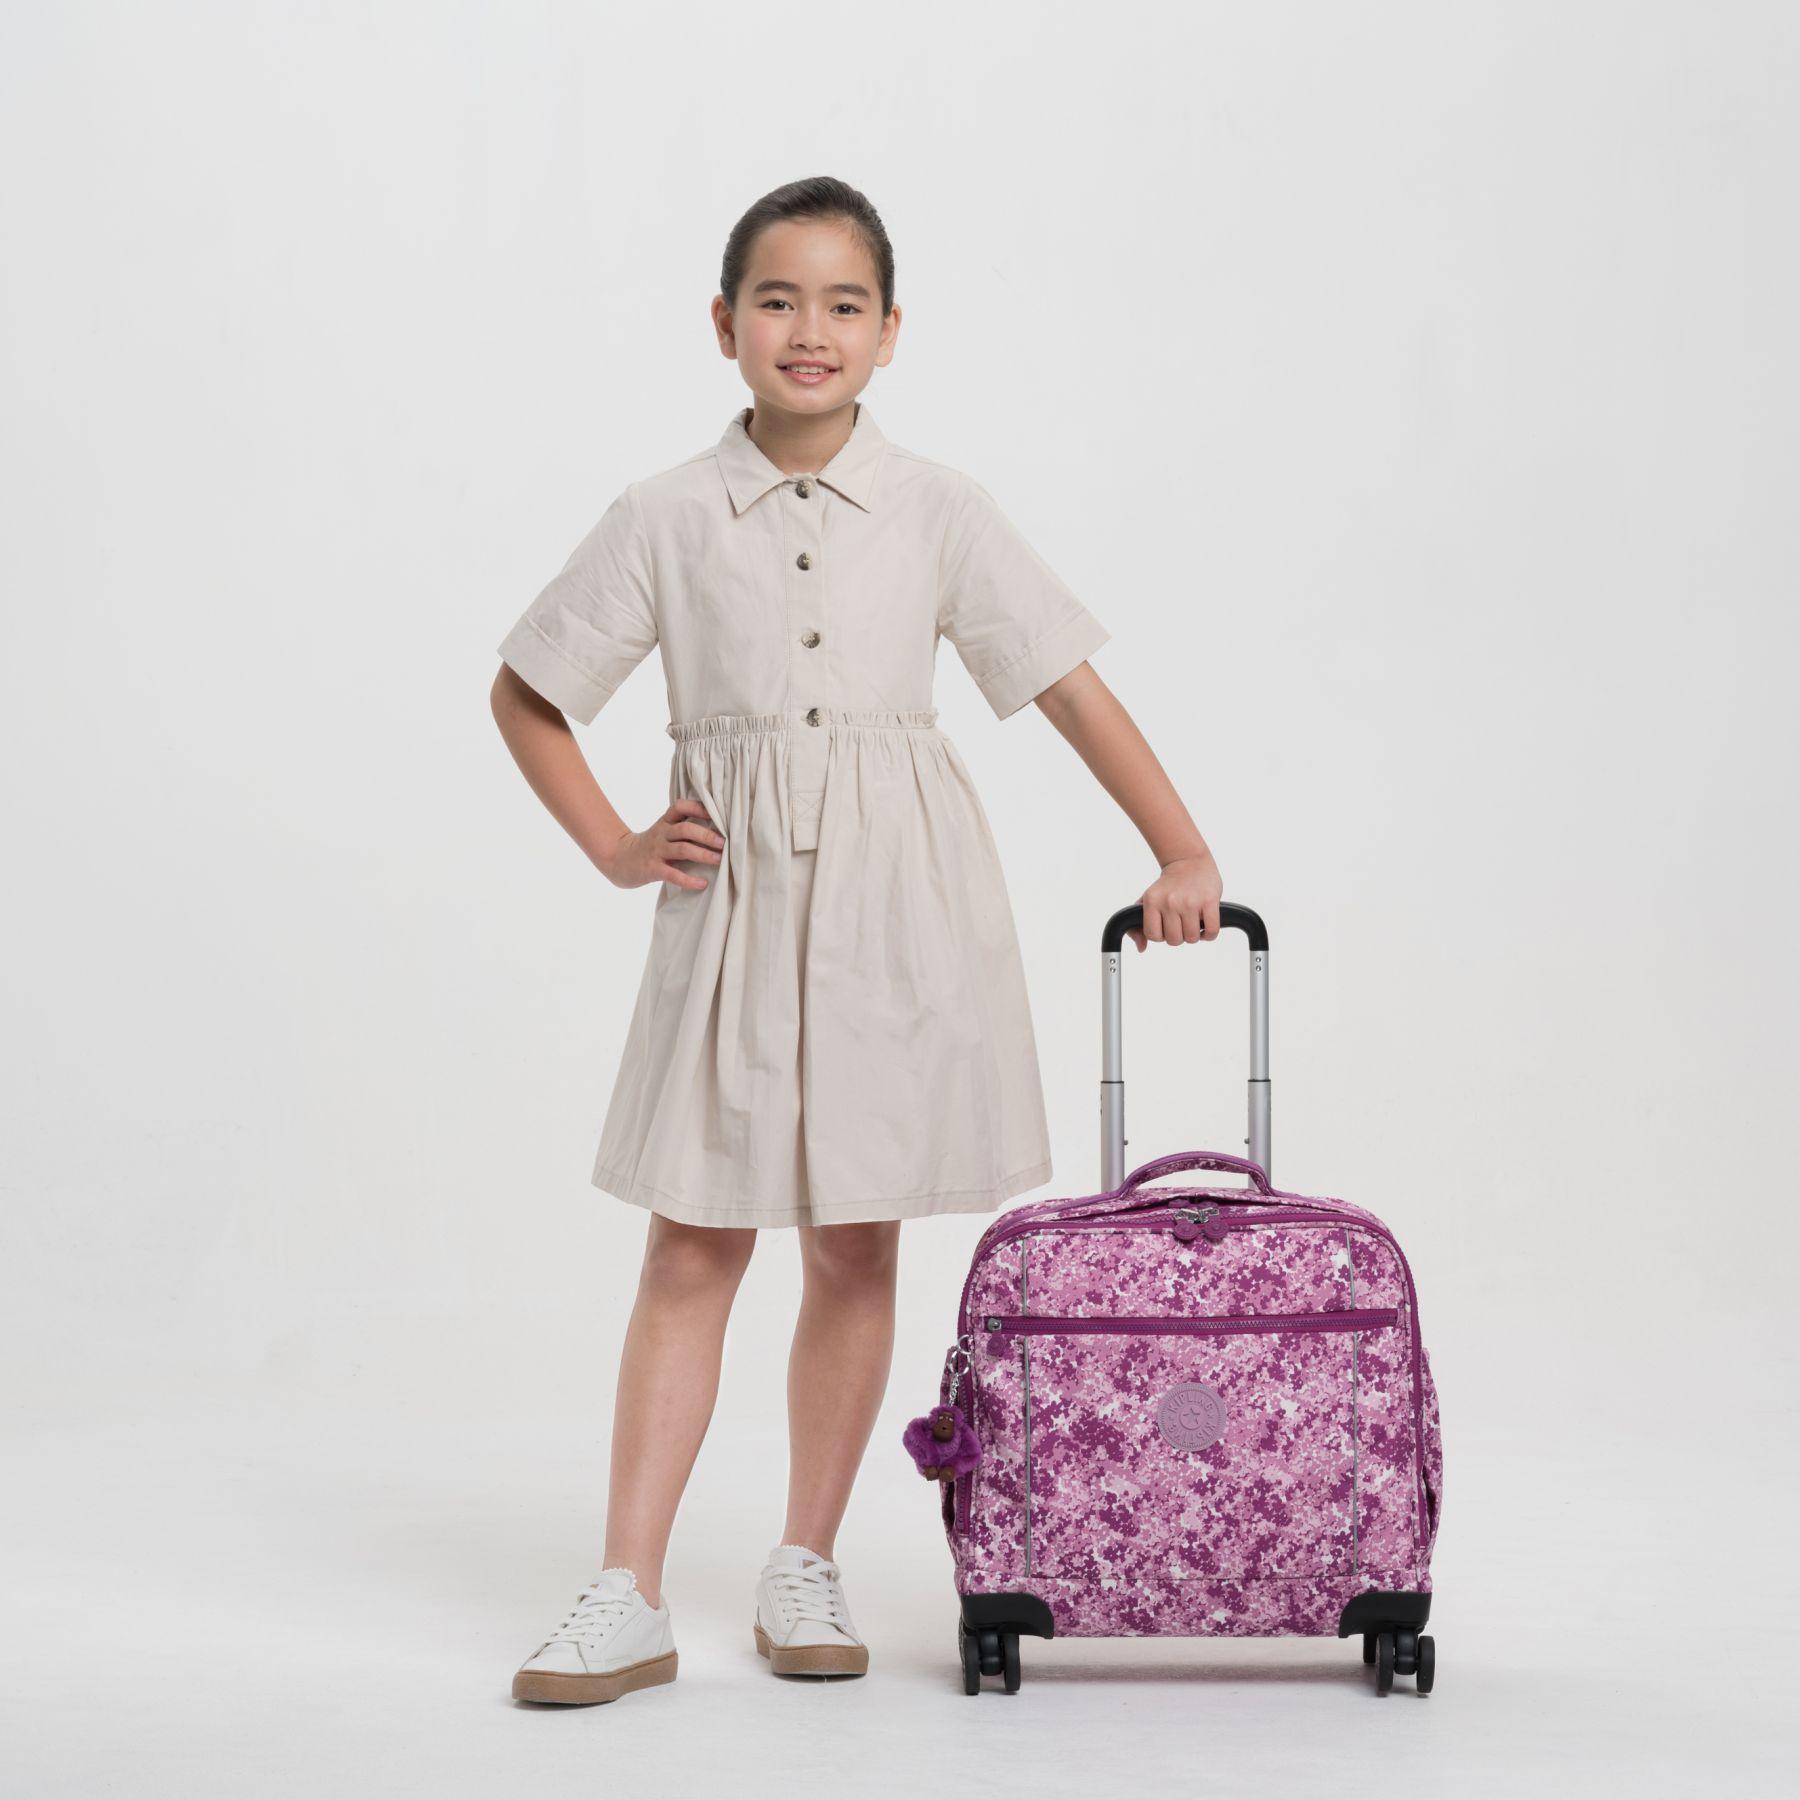 STORIA SCHOOL BAGS by Kipling